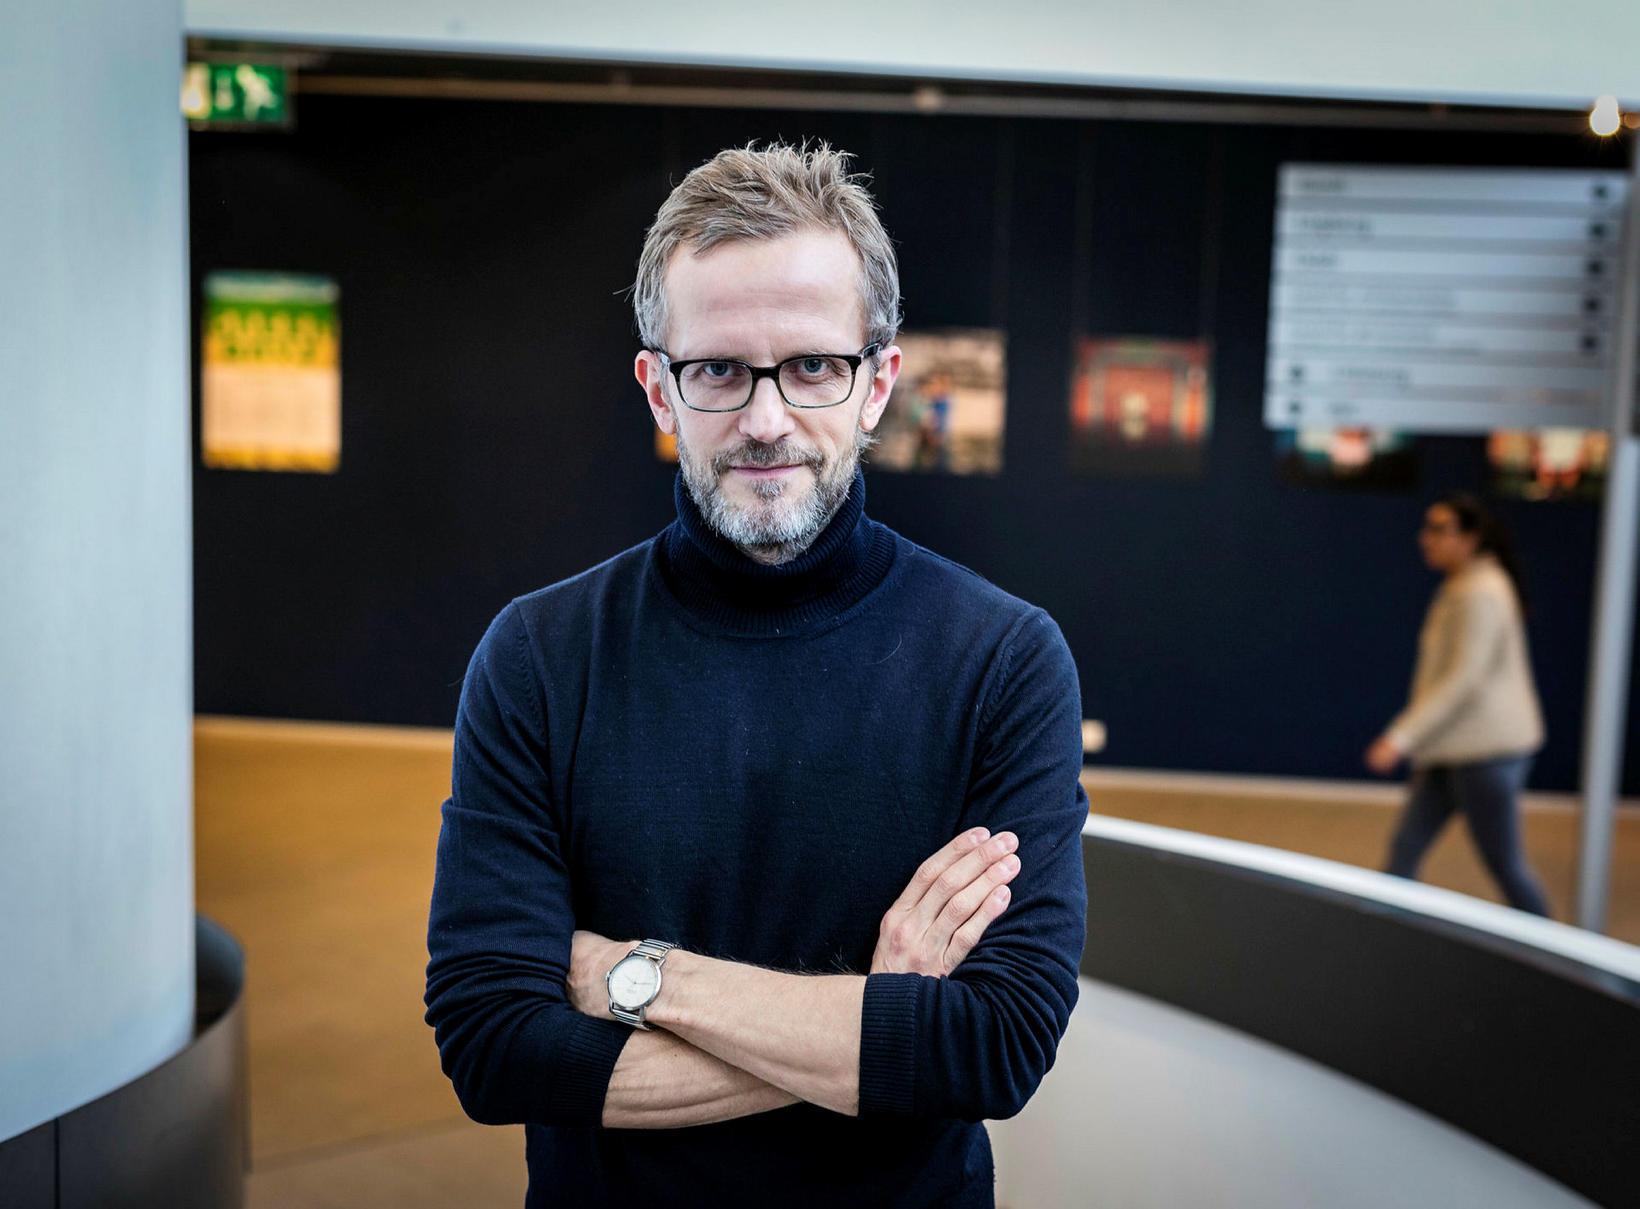 Viðar Halldórsson er prófessor við Háskóla Íslands.